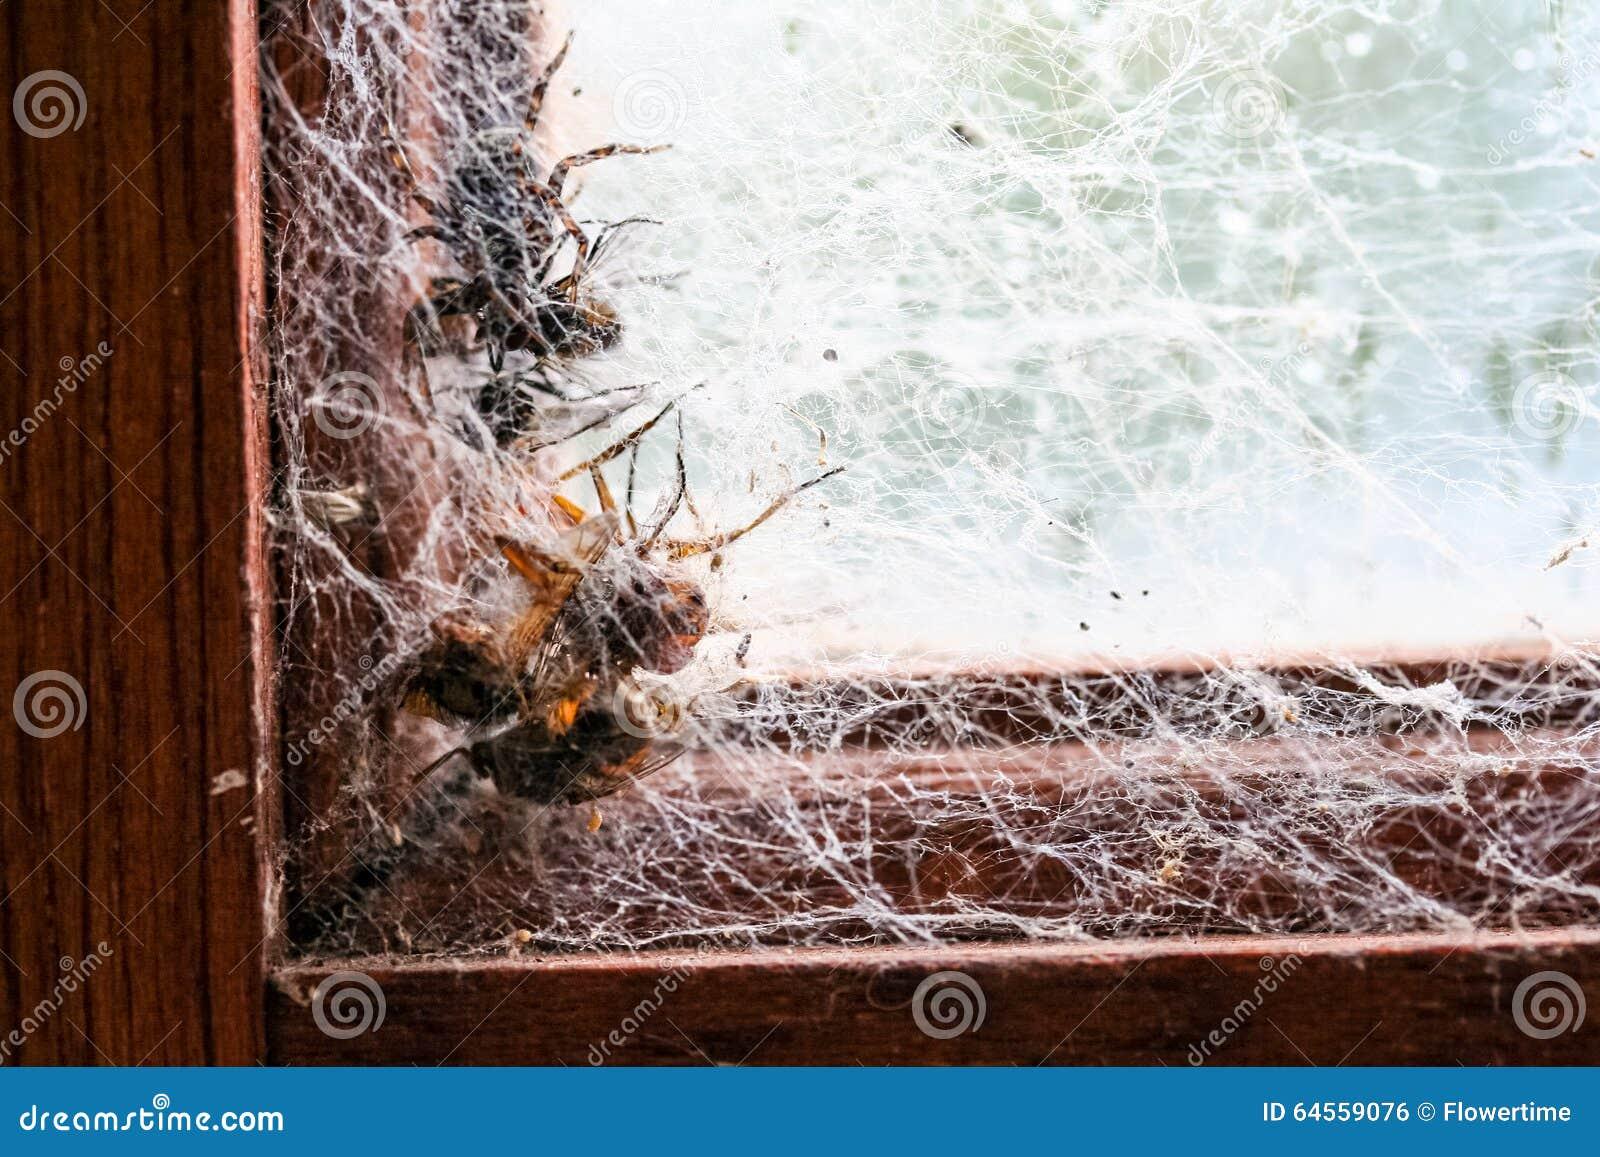 Spinne Und Vier Fliegen Fingen In Den Spinnennetzen Im Fensterrahmen ...